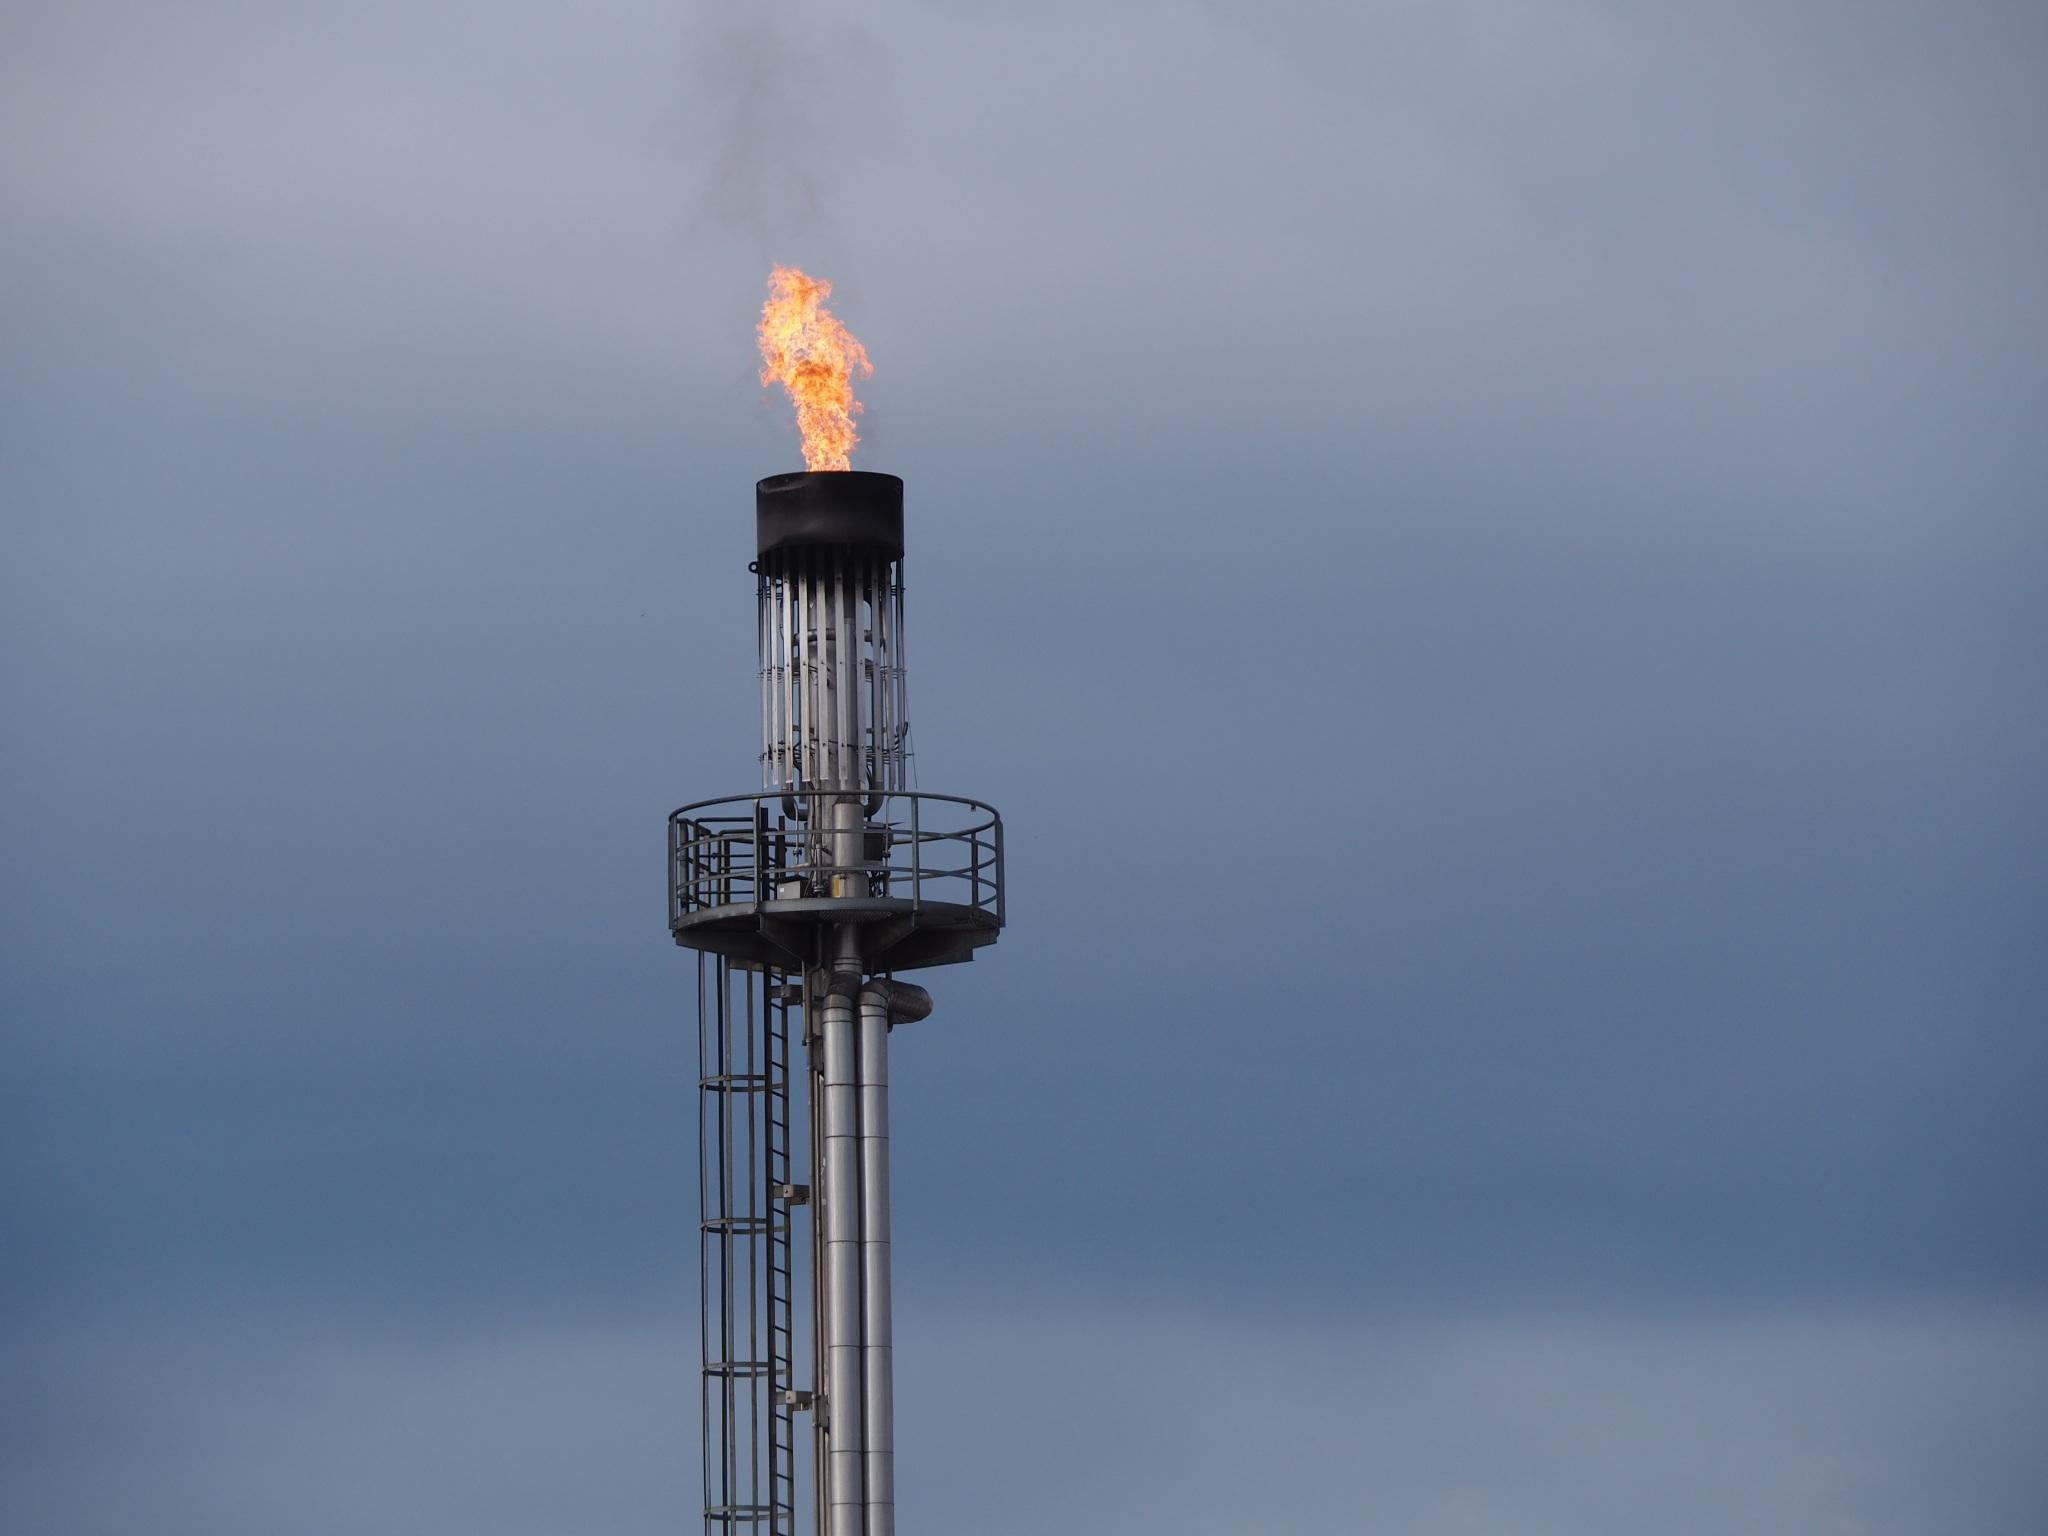 Iran Öl: Ölförderanlage